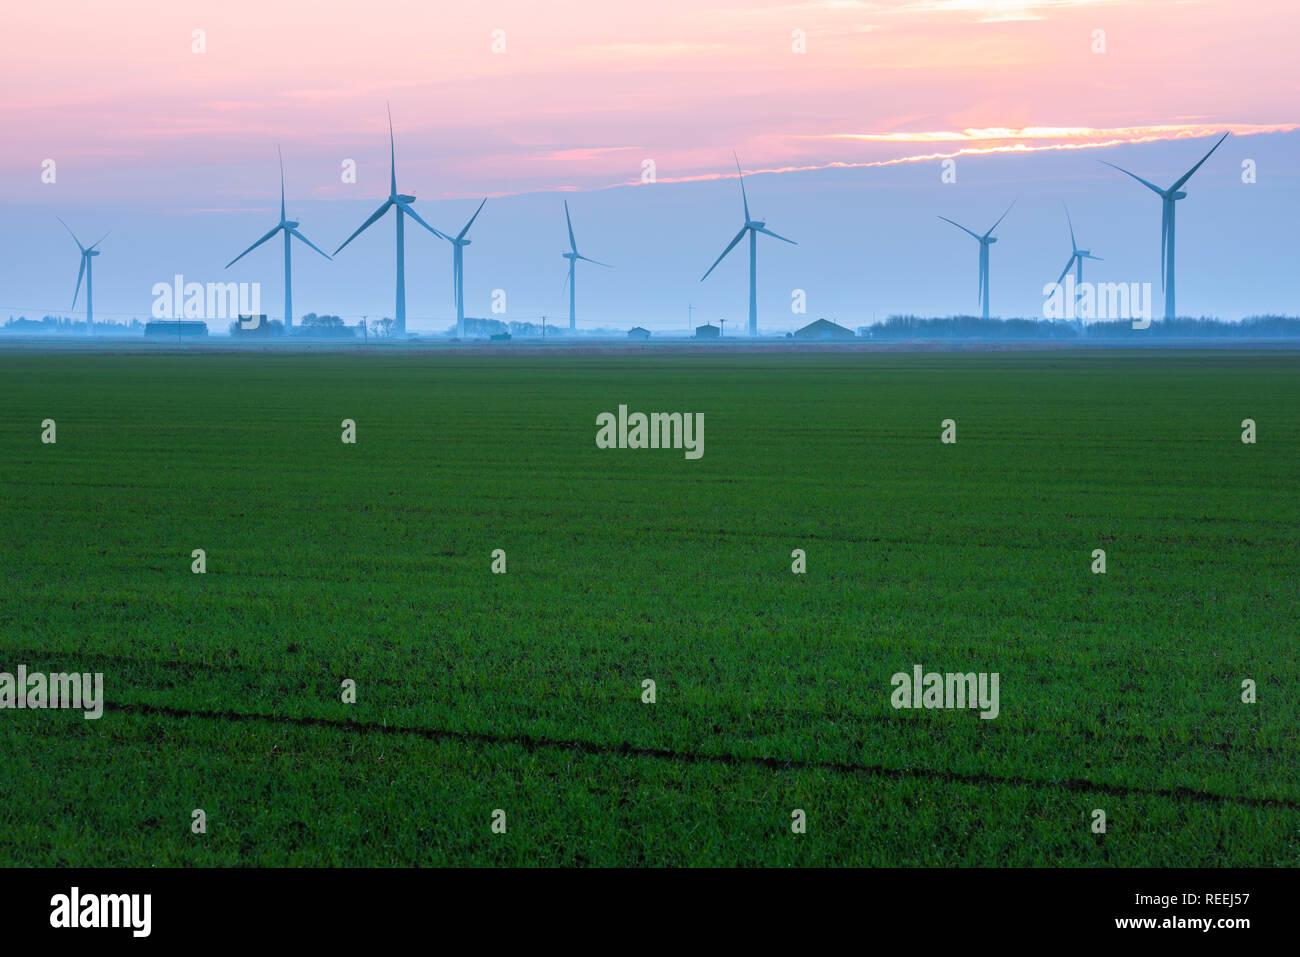 Erneuerbare Energien UK, Blick über eine Cambridgeshire fen auf eine Reihe von Windenergieanlagen, England, UK. Stockbild